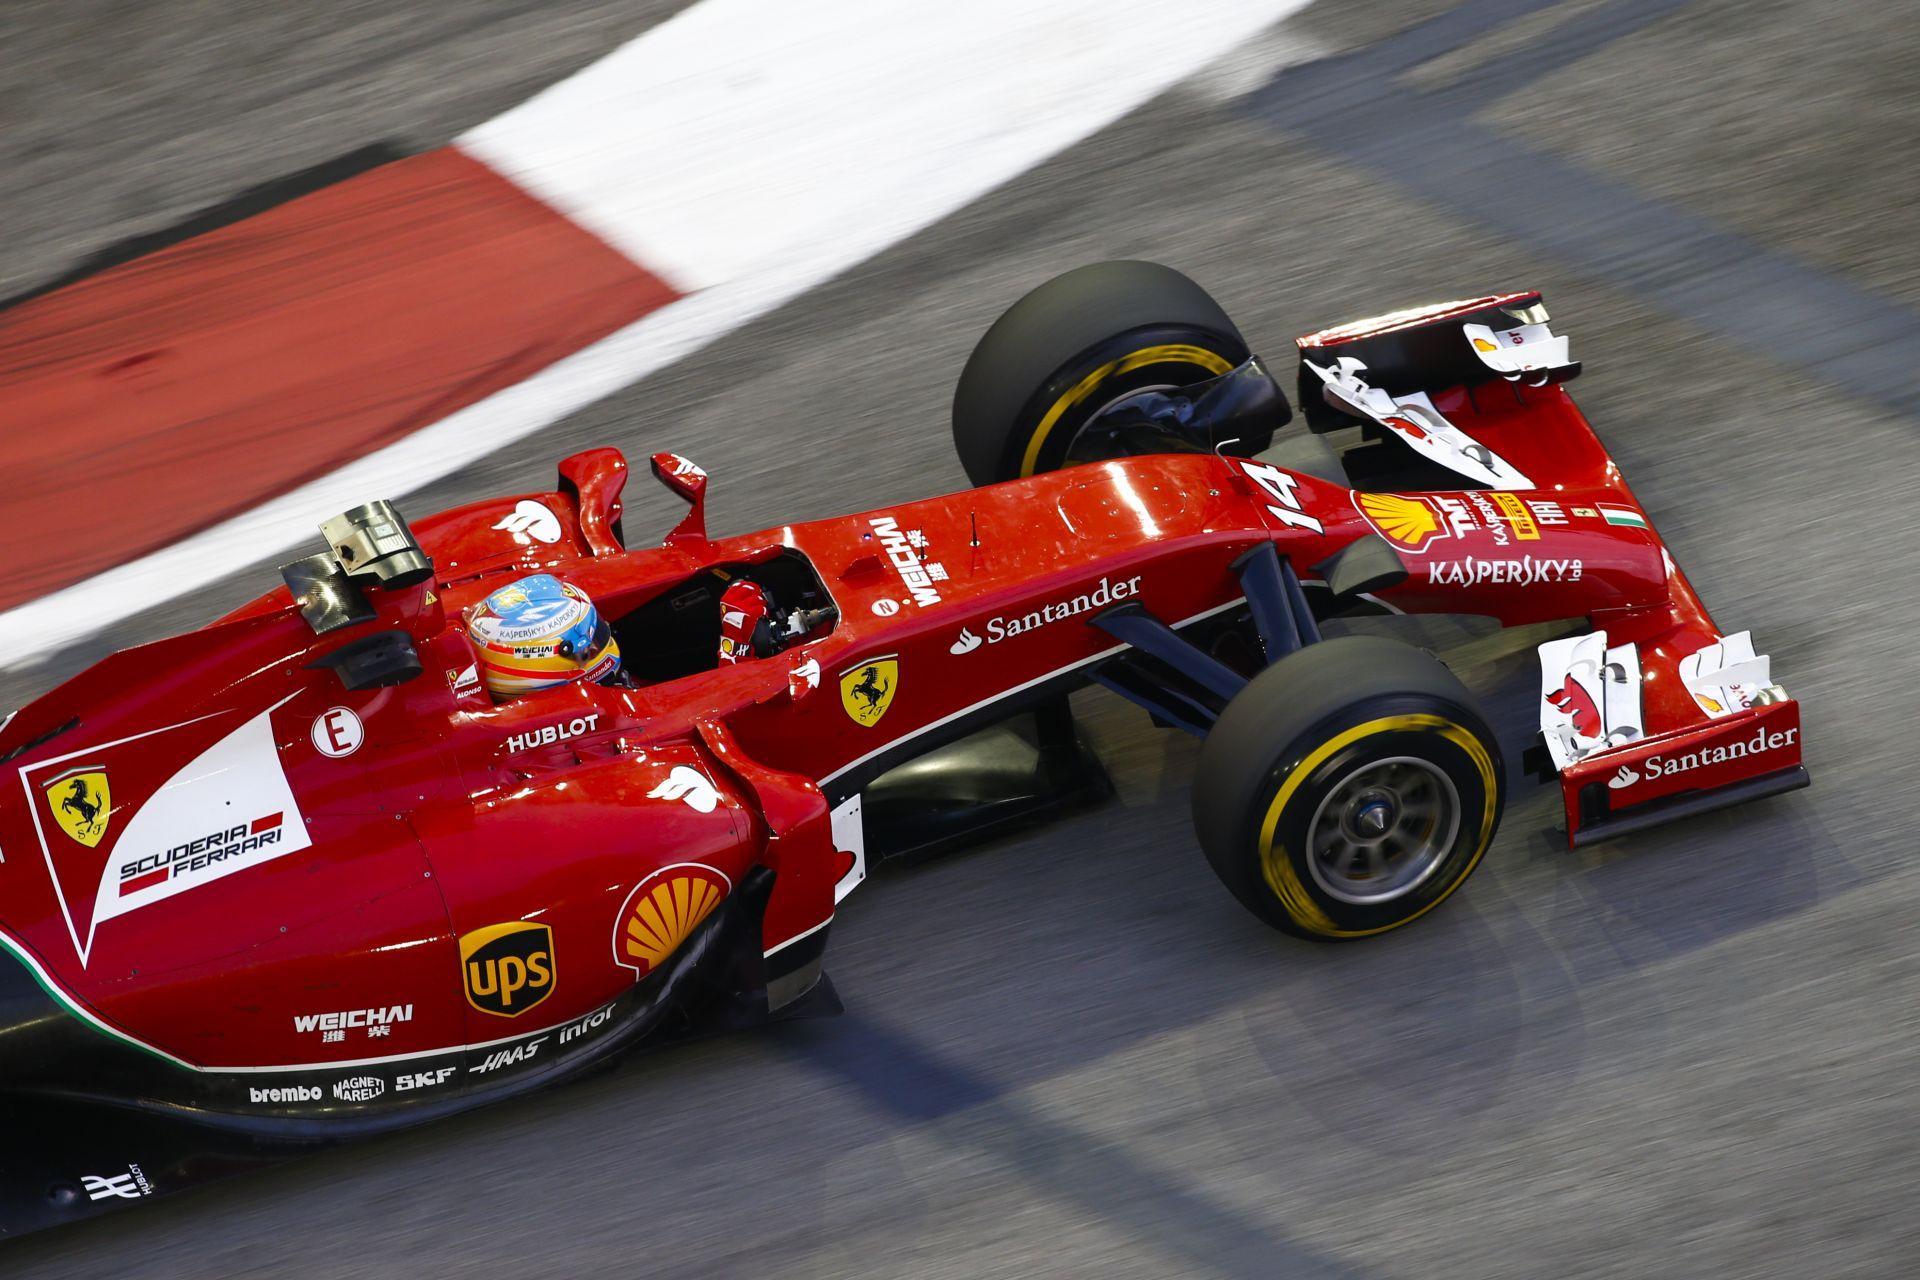 Megint gyorsnak tűnik a Ferrari, de mindez csak egy szomorú illúzió?